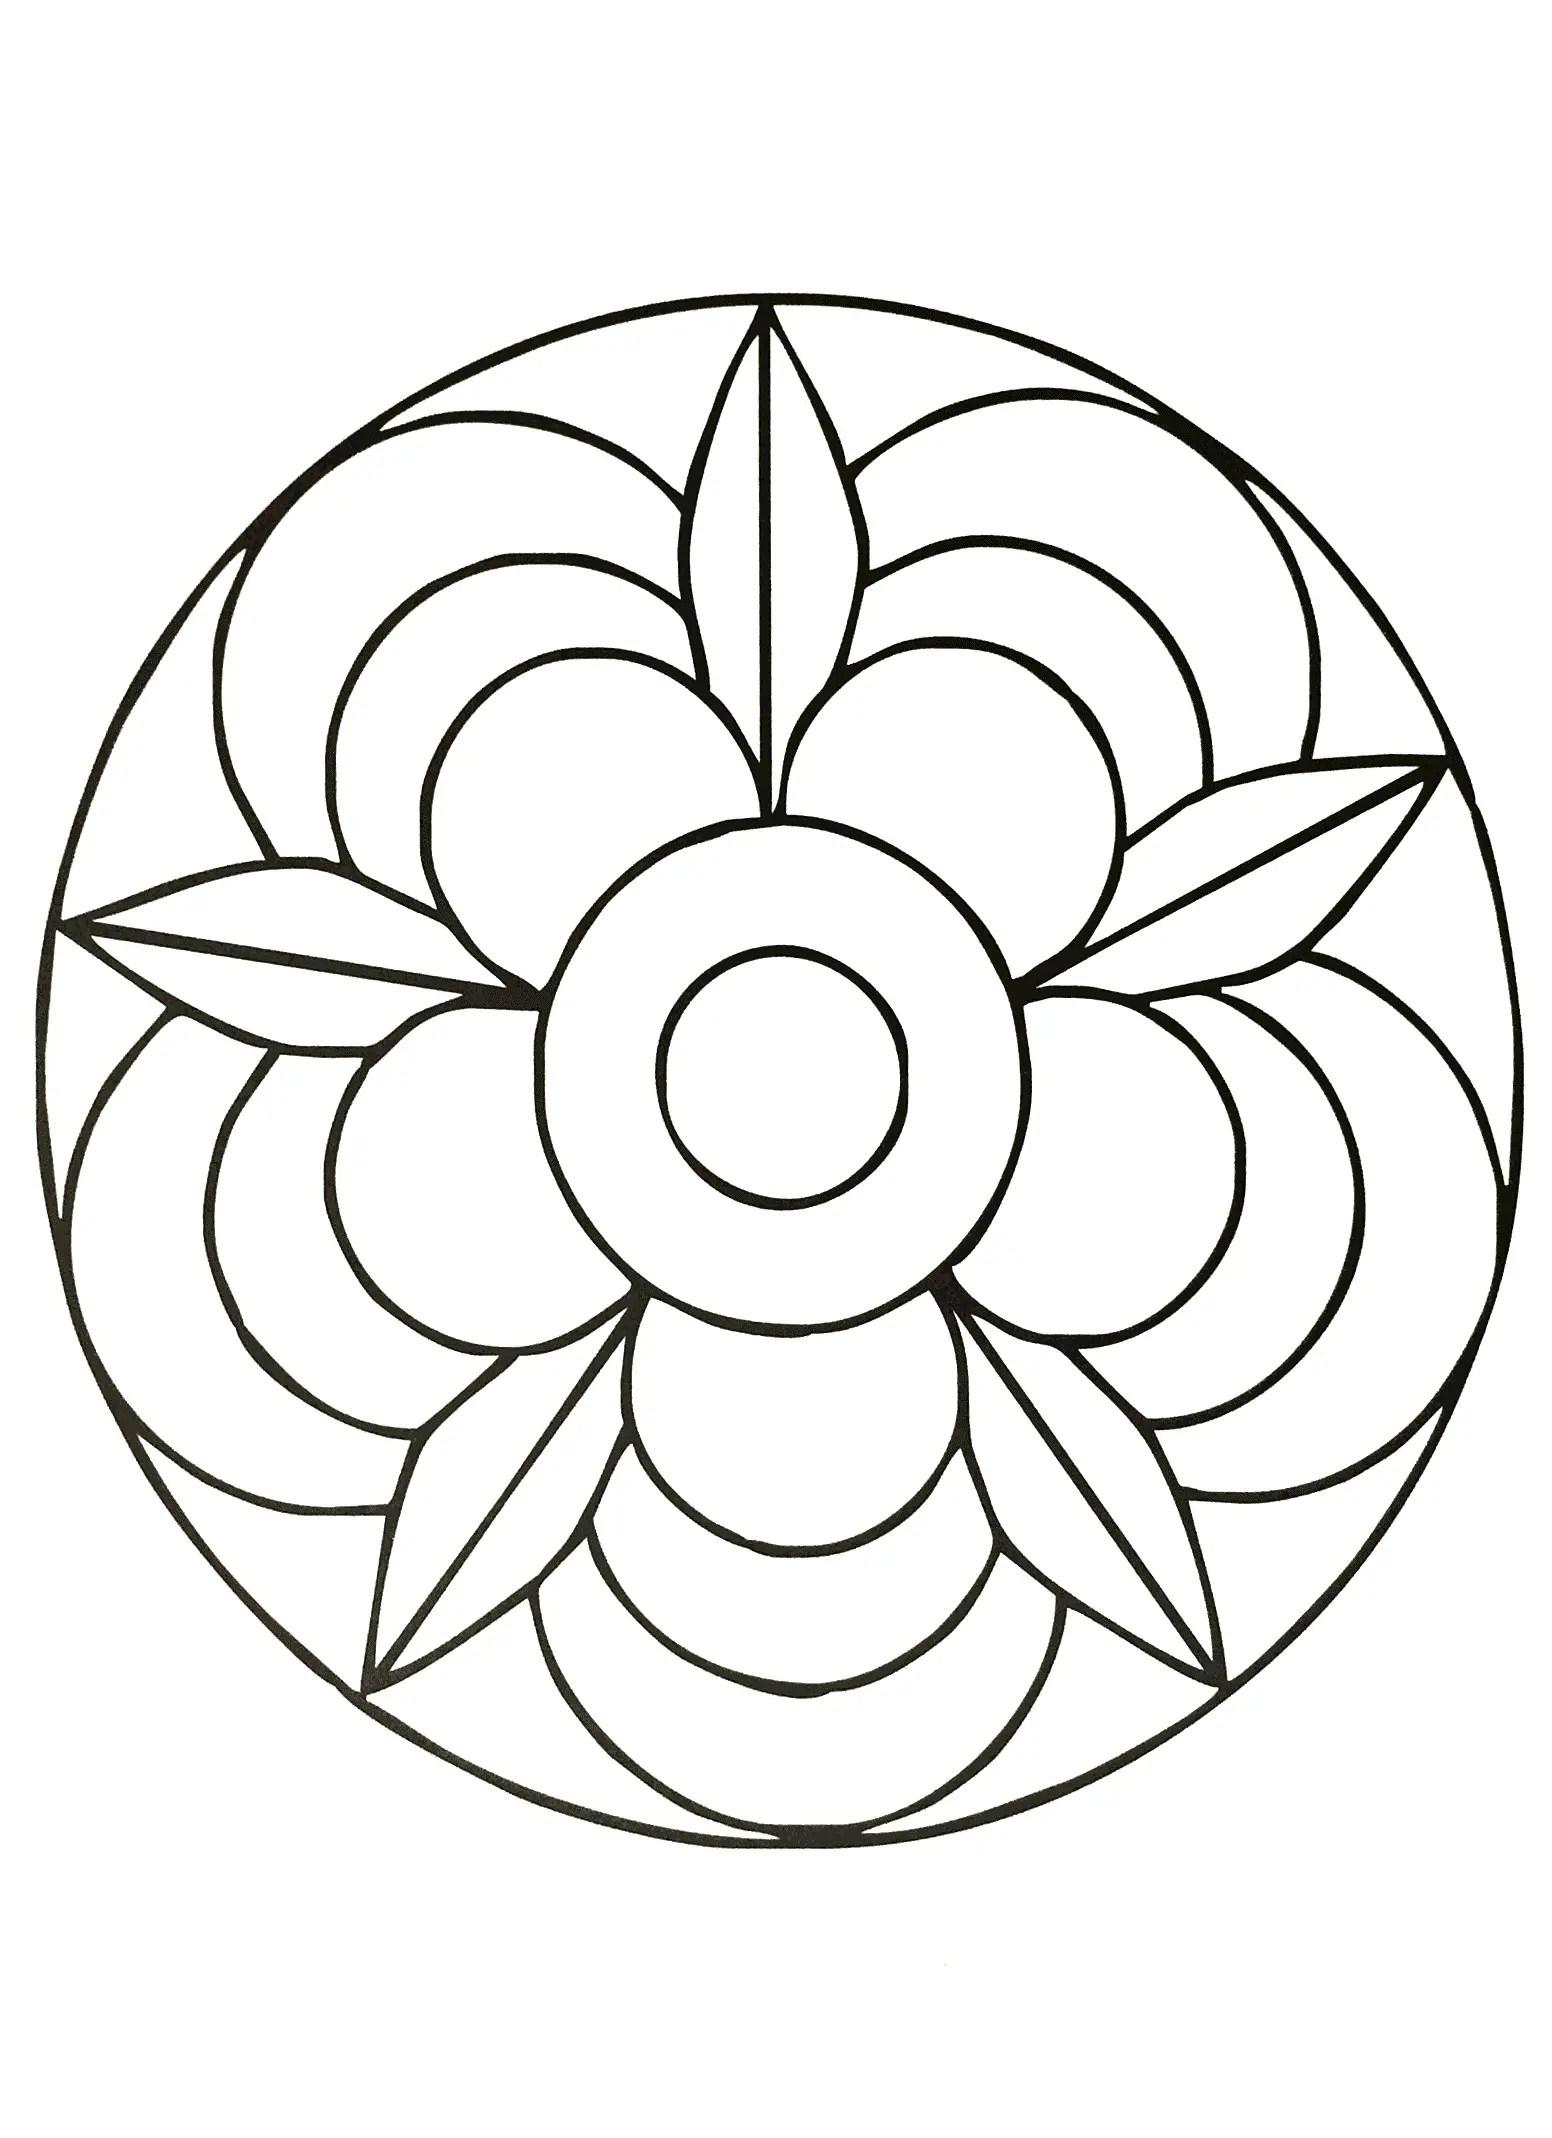 Mandalas Guia Con Imagenes De Mandalas Para Colorear Pintar Hacer Y Tejer Faciles